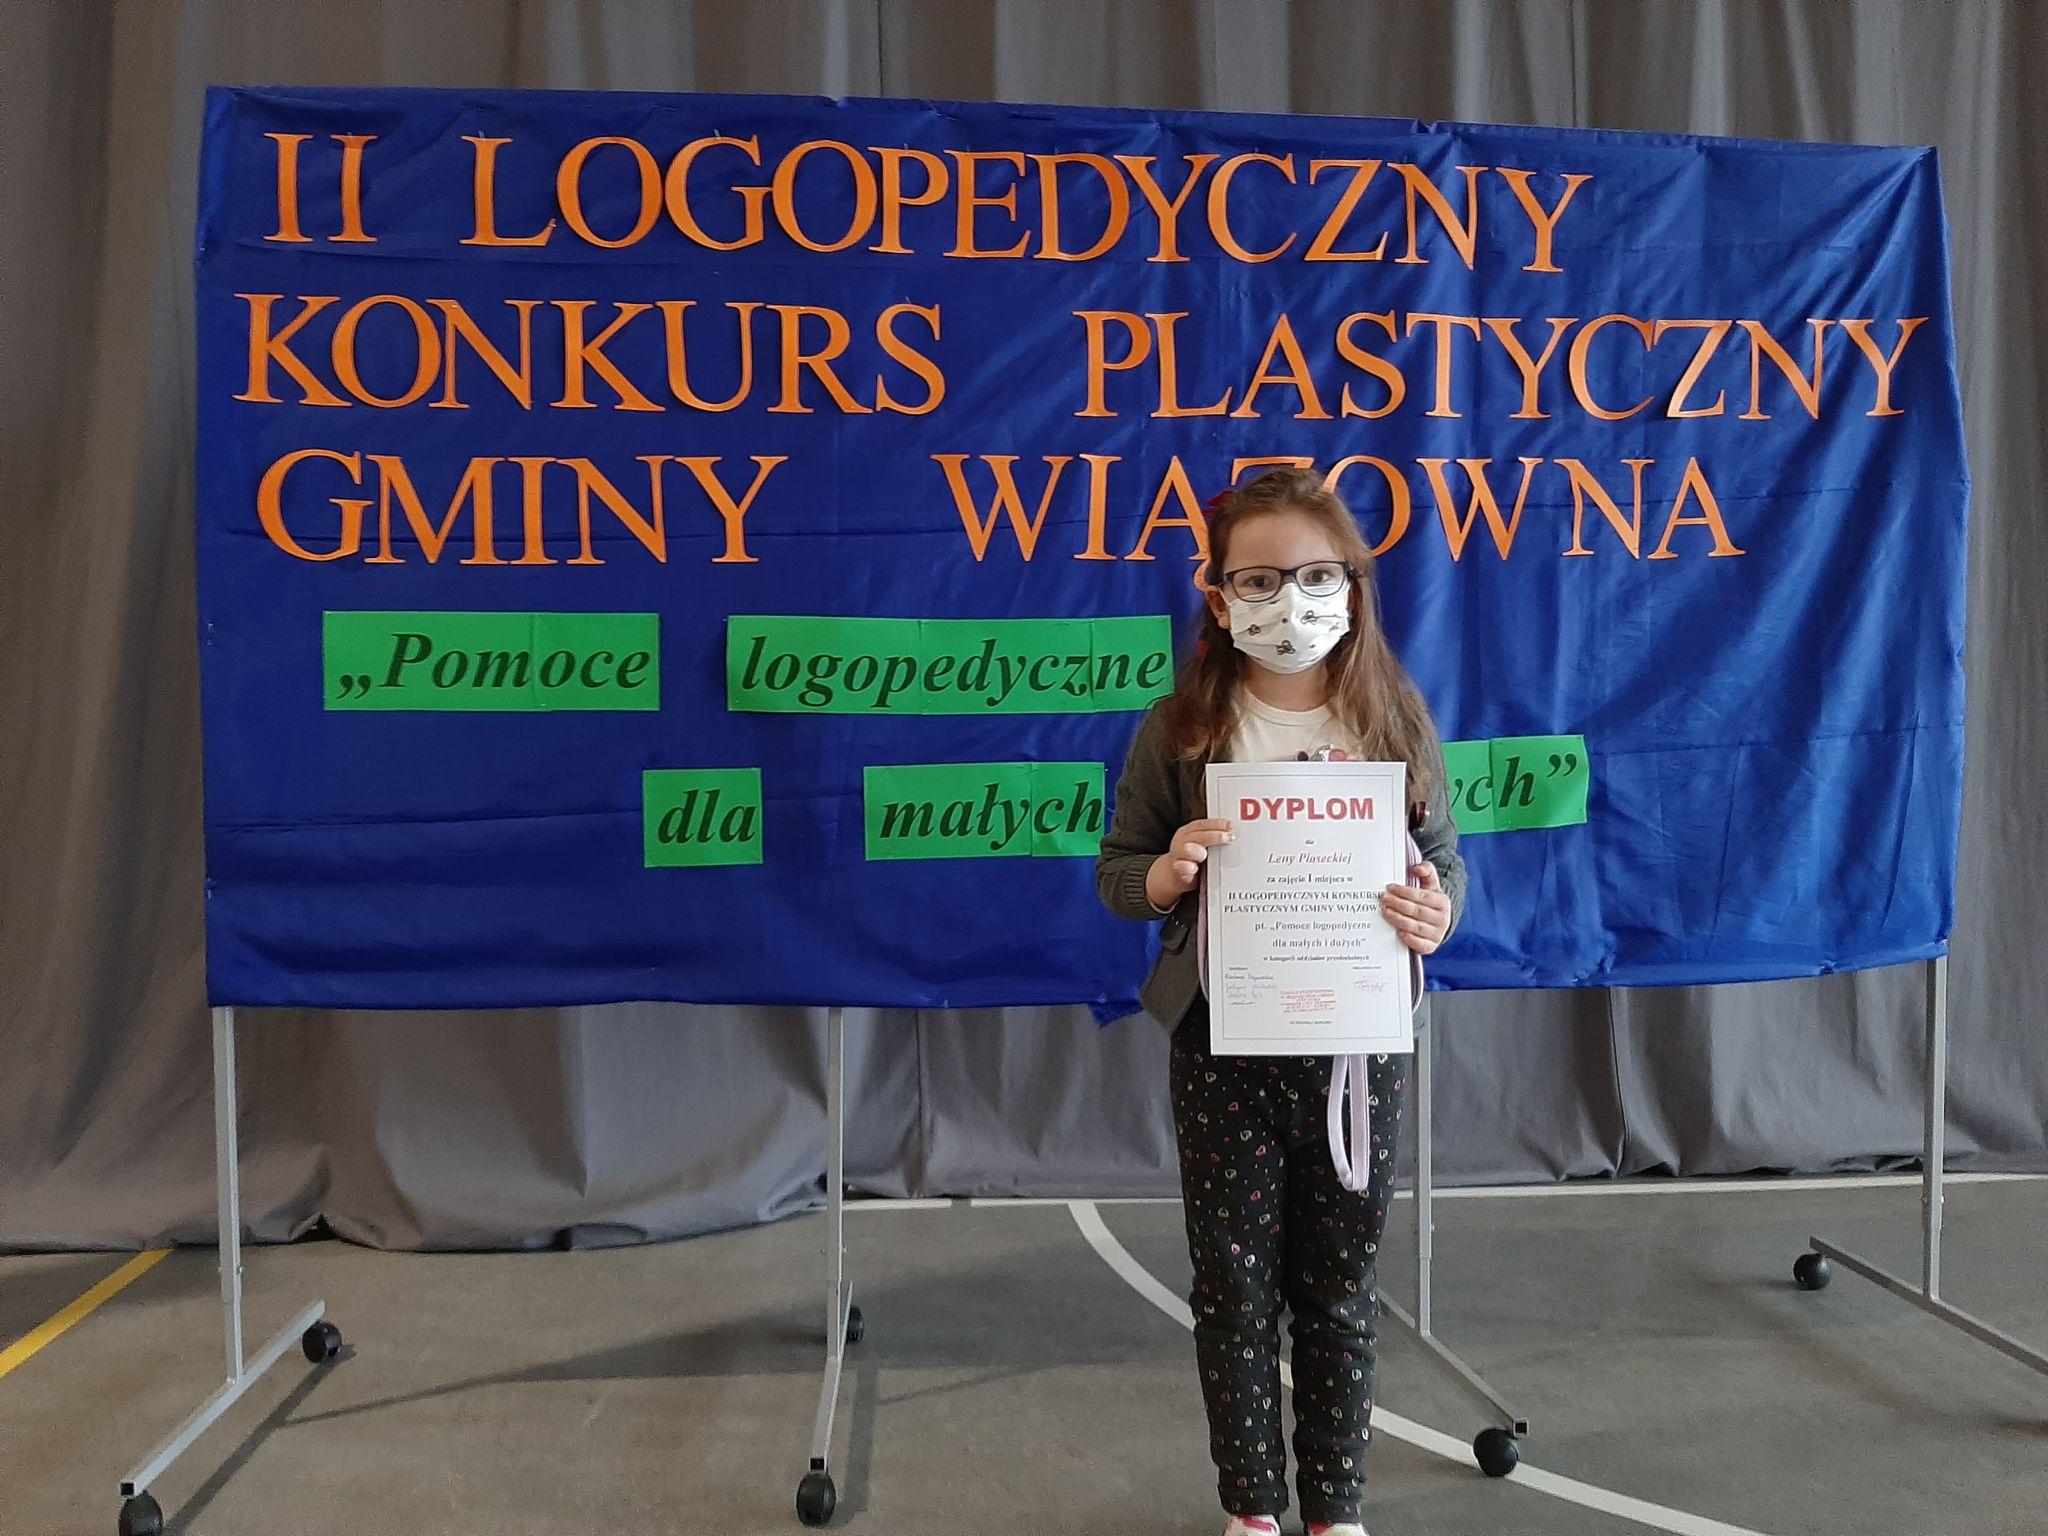 Tablica z napisem II Konkurs Logopedyczno-Plastyczny Gminy Wiązowna. Dziewczynka z dyplomem